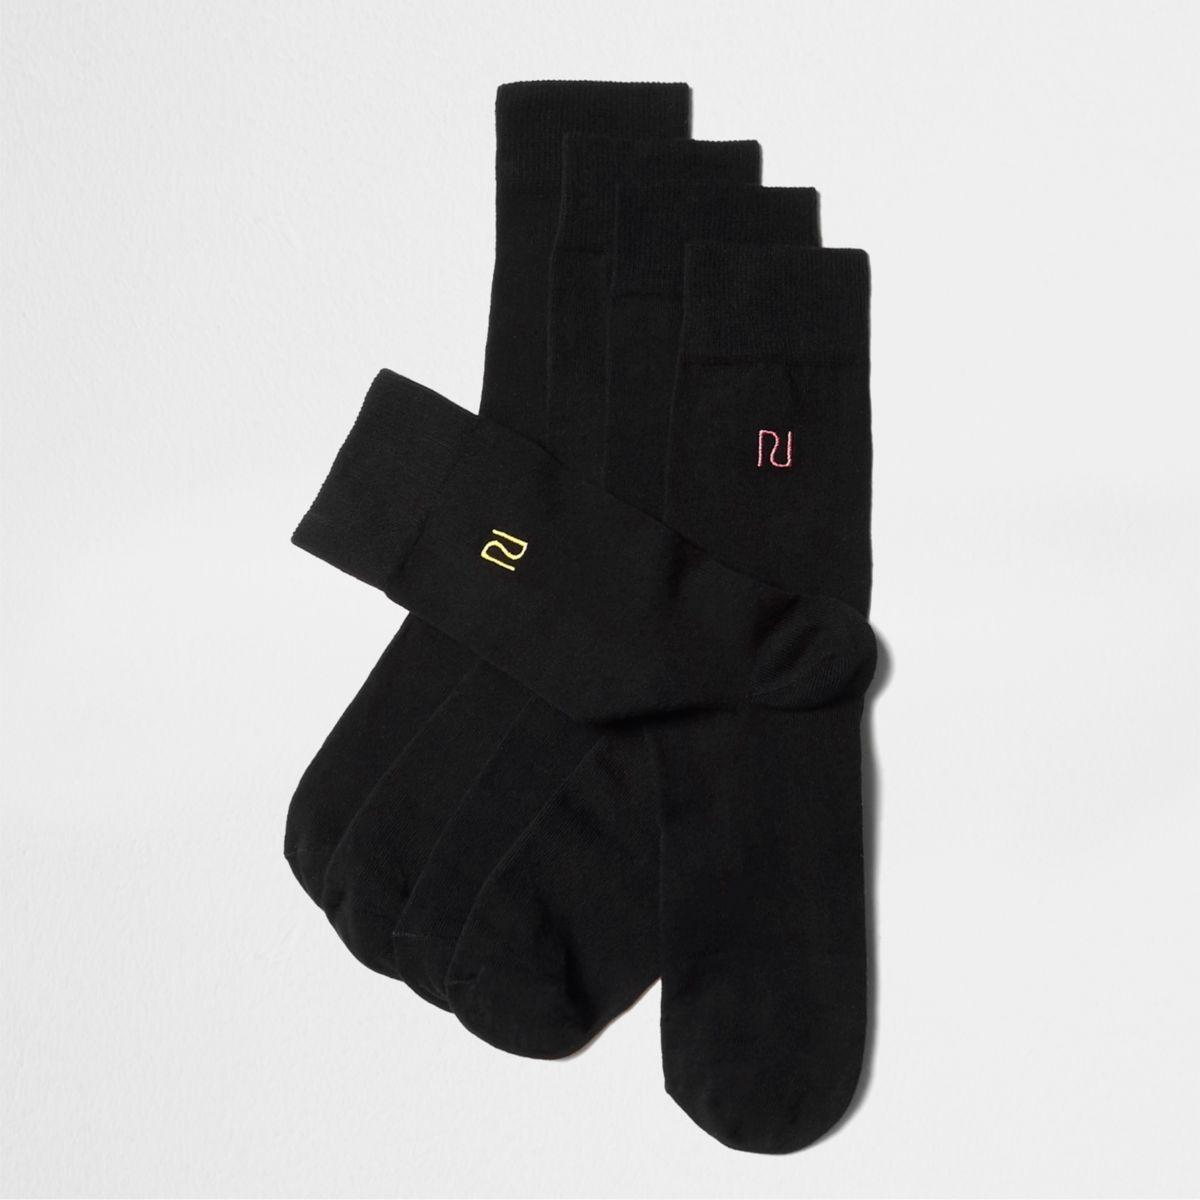 """Schwarze Socken mit """"RI""""-Stickerei im Set"""